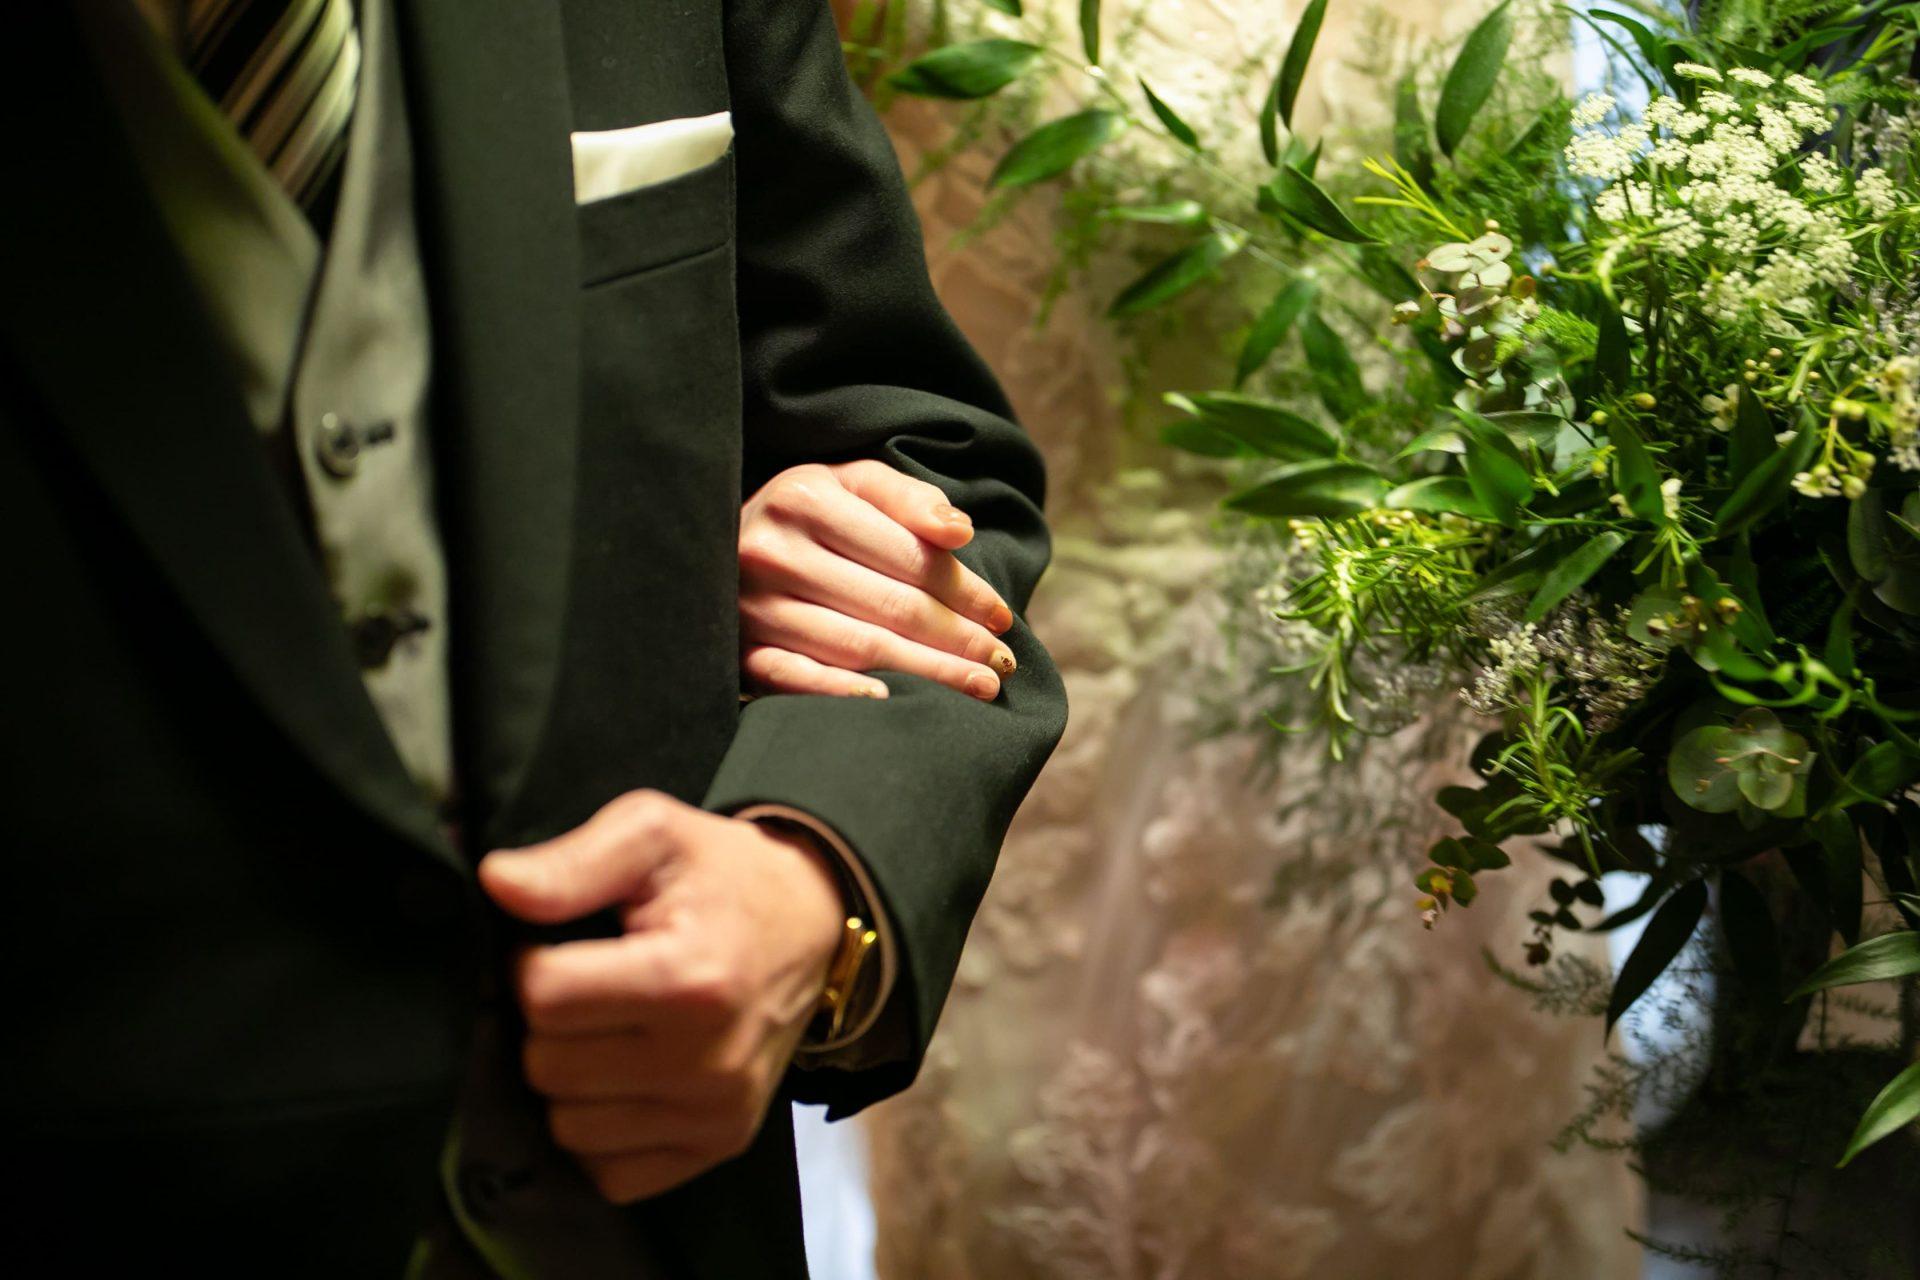 ナチュラルでアットホームなお式を予定されている花嫁様におすすめのザ・トリートドレッシング名古屋店にて人気のモニークルイリエのレースが美しいウェディングドレス